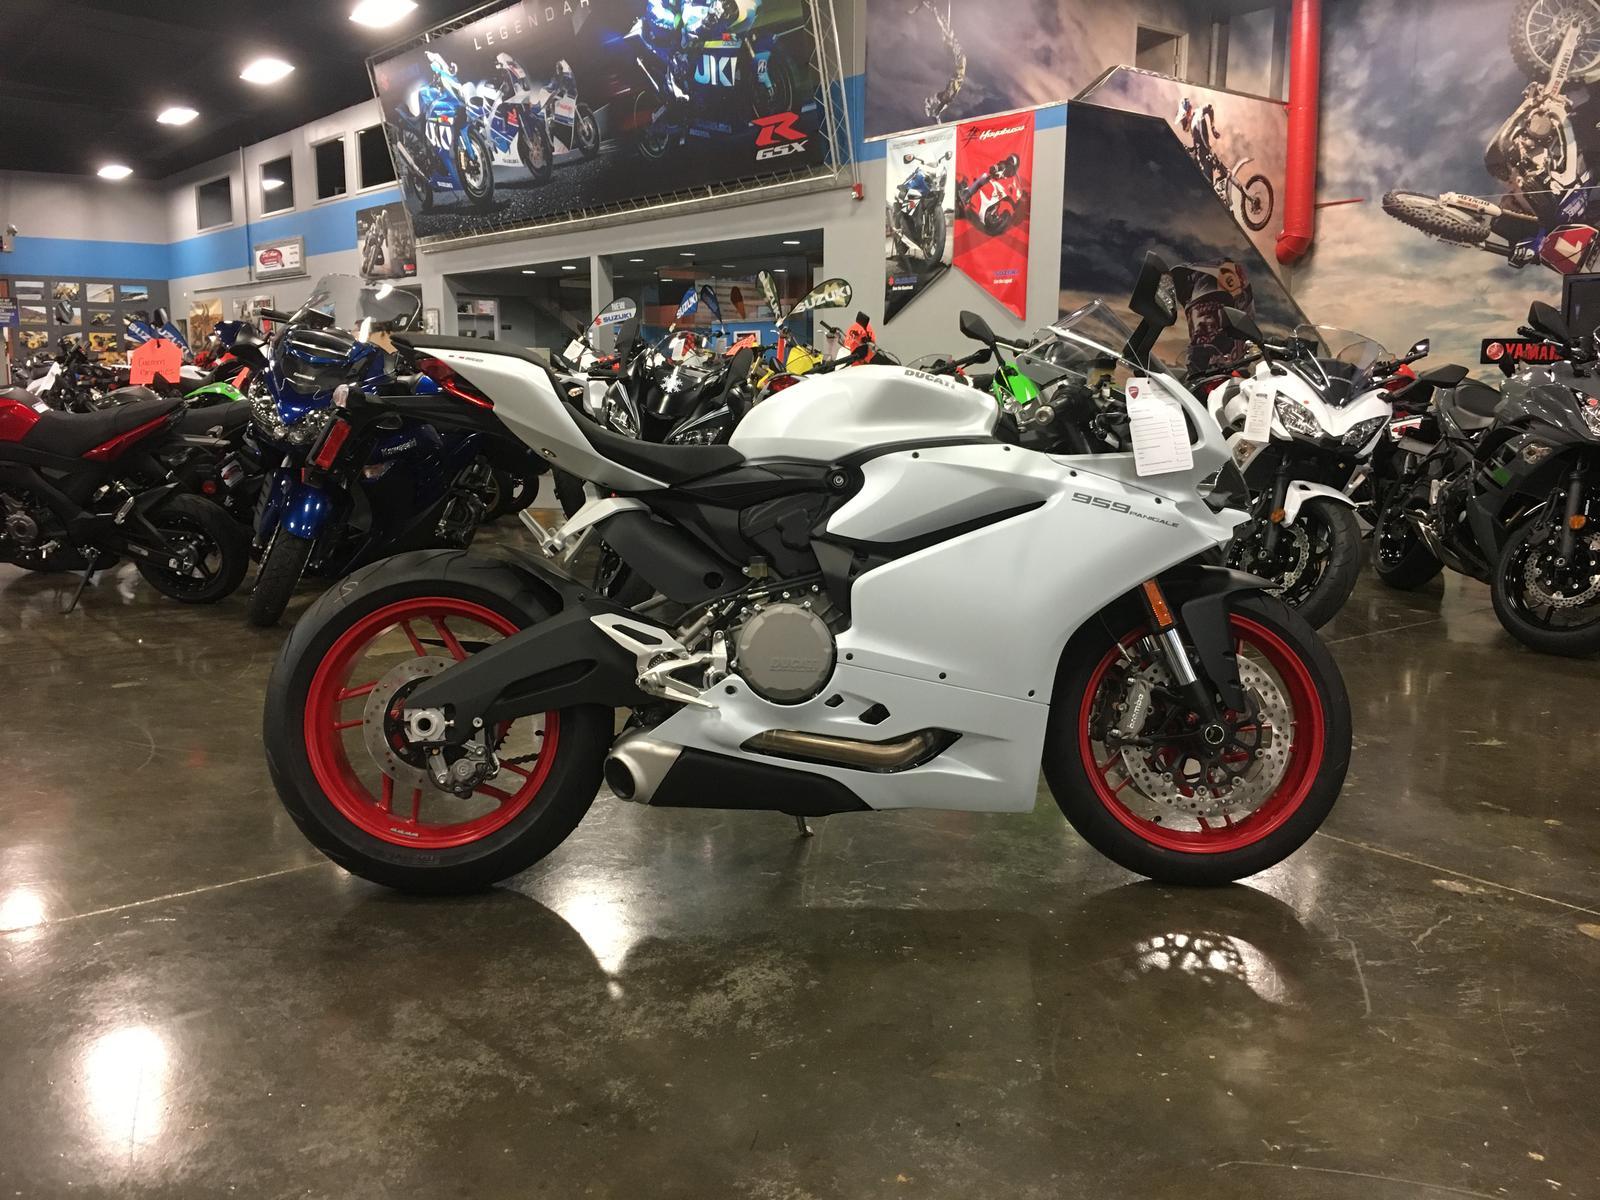 2018 Ducati Panigale 959 For Sale In Chula Vista Ca Del Amo